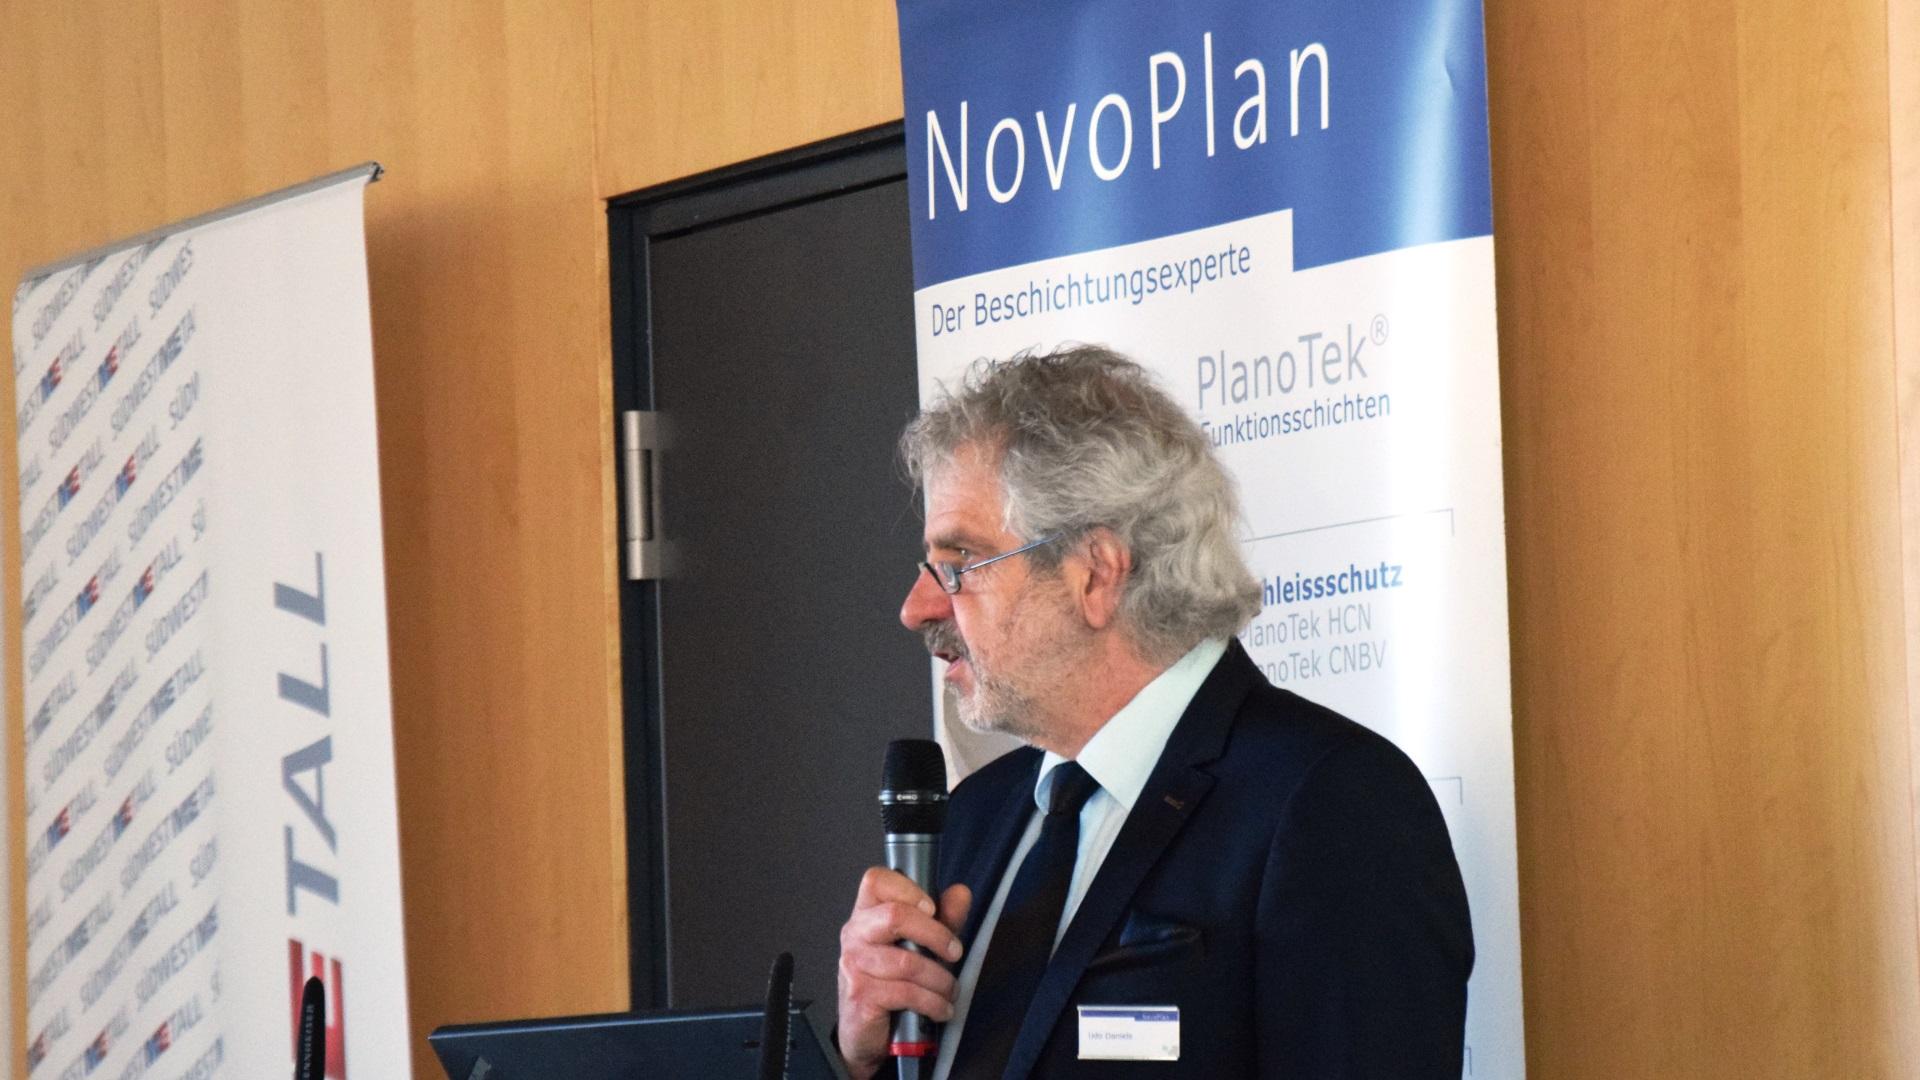 Novoplan Workshop 2018